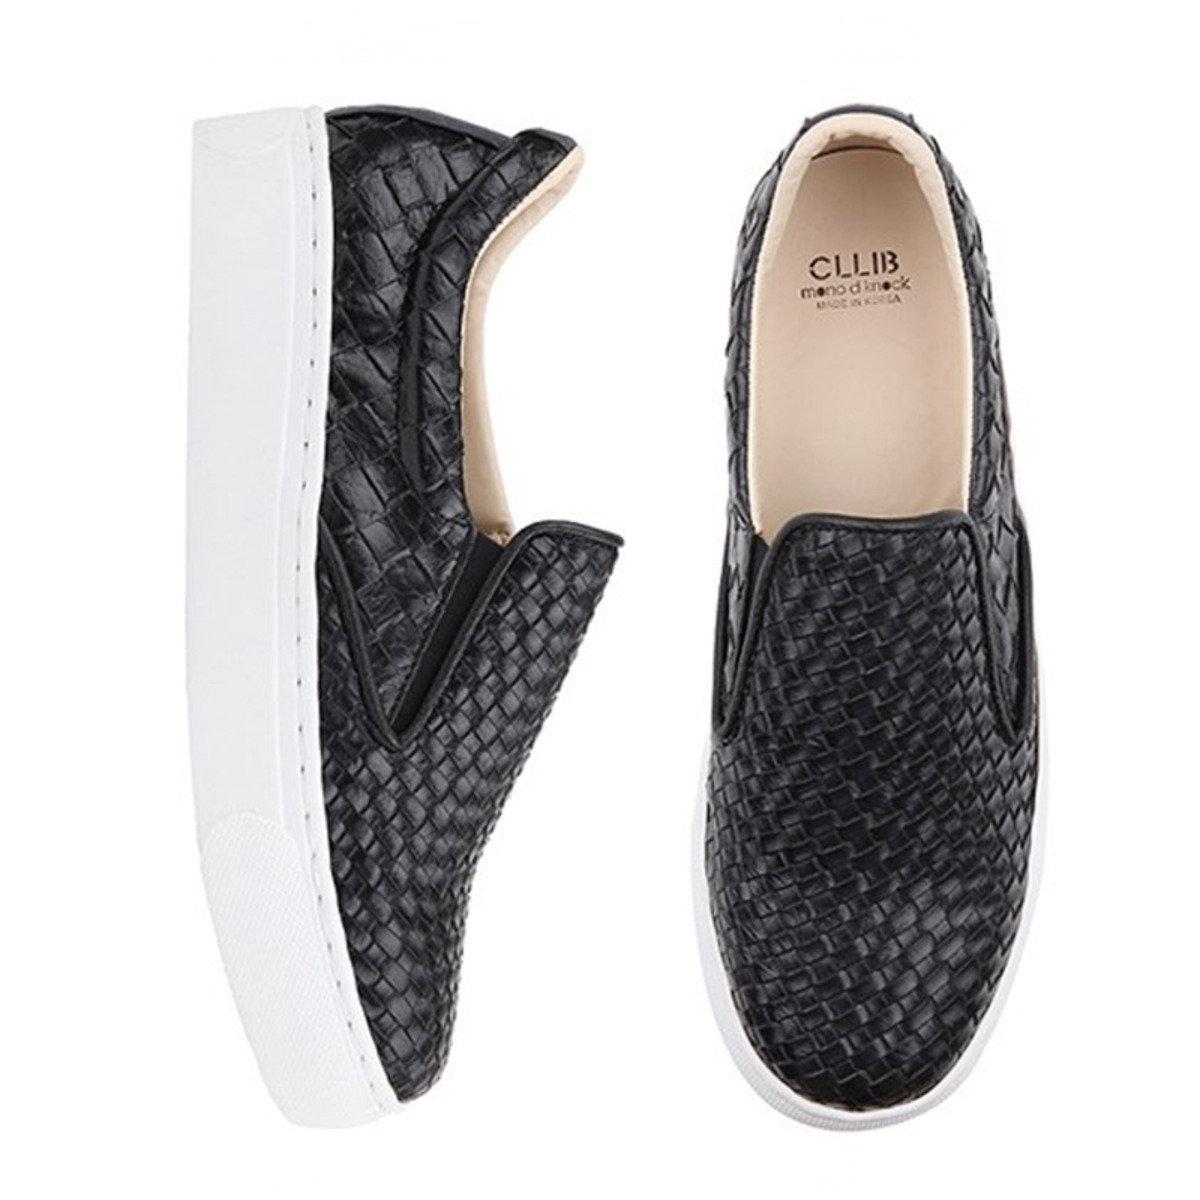 黑色編織輕便鞋